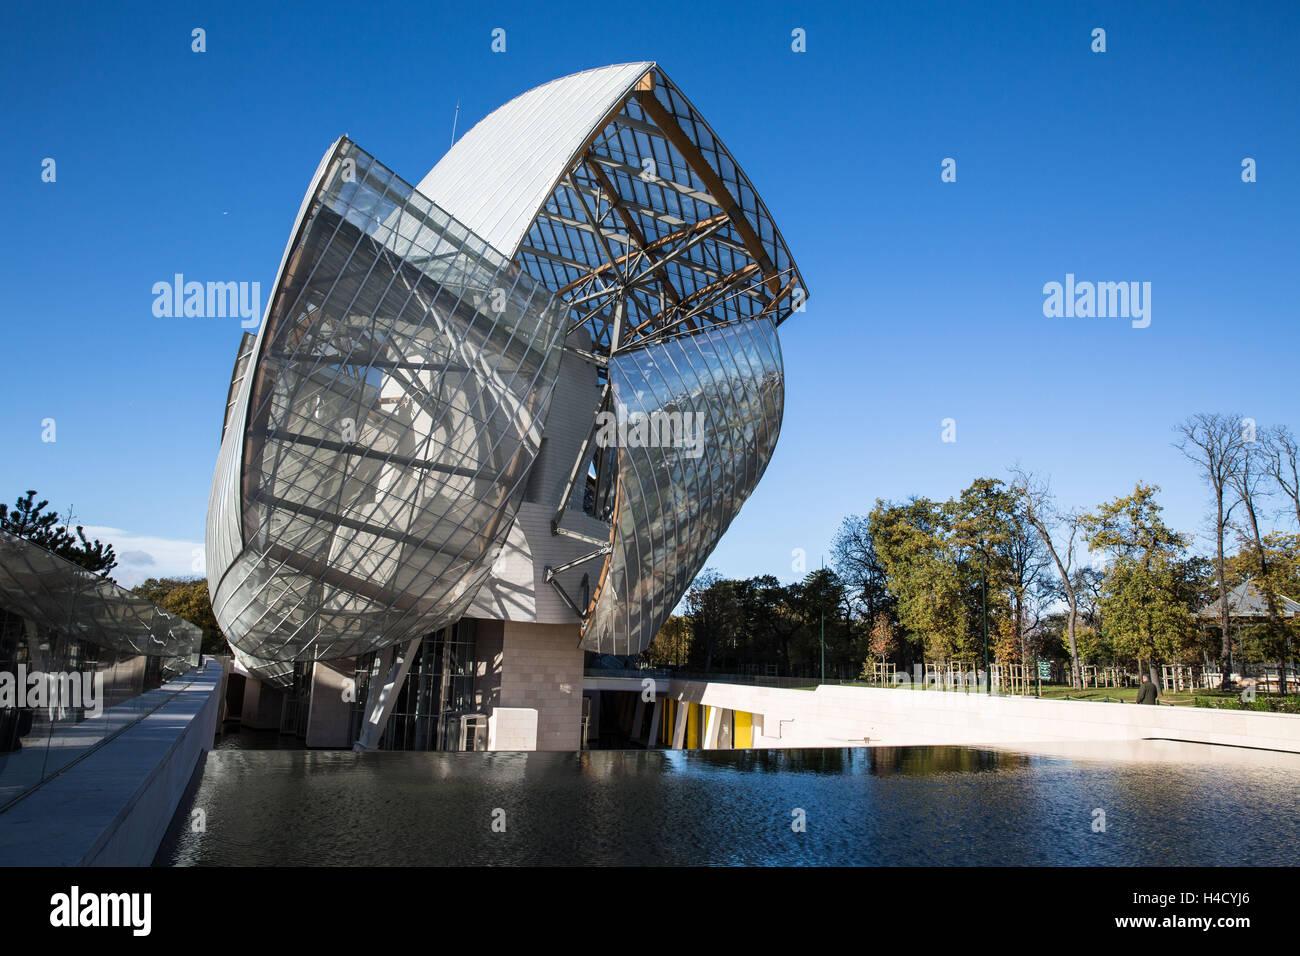 Europe, France, Paris, Fondation Louis Vuitton Stock Photo